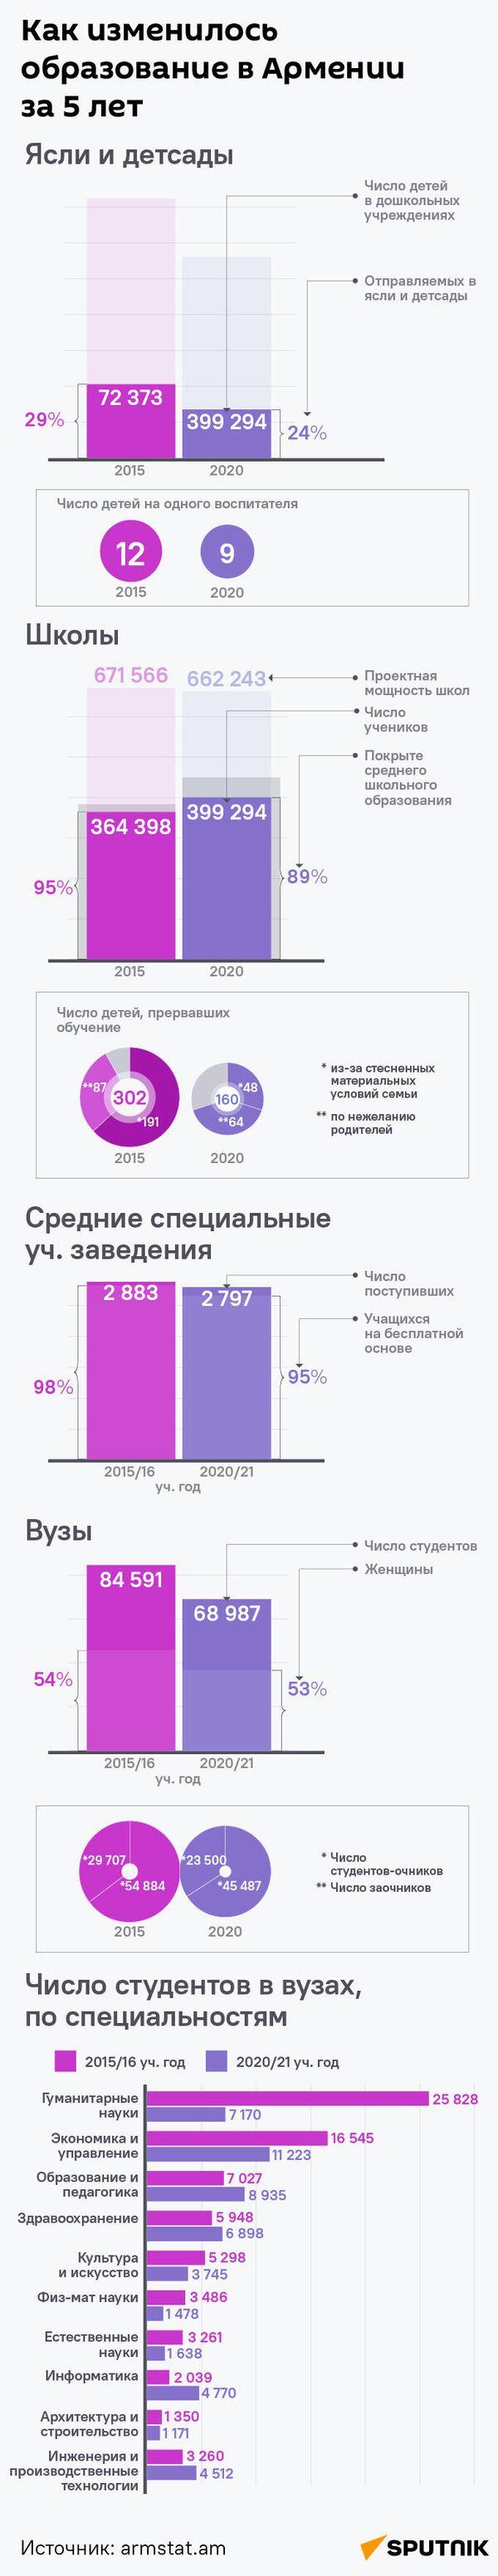 Как изменилось образование в Армении за 5 лет - Sputnik Армения